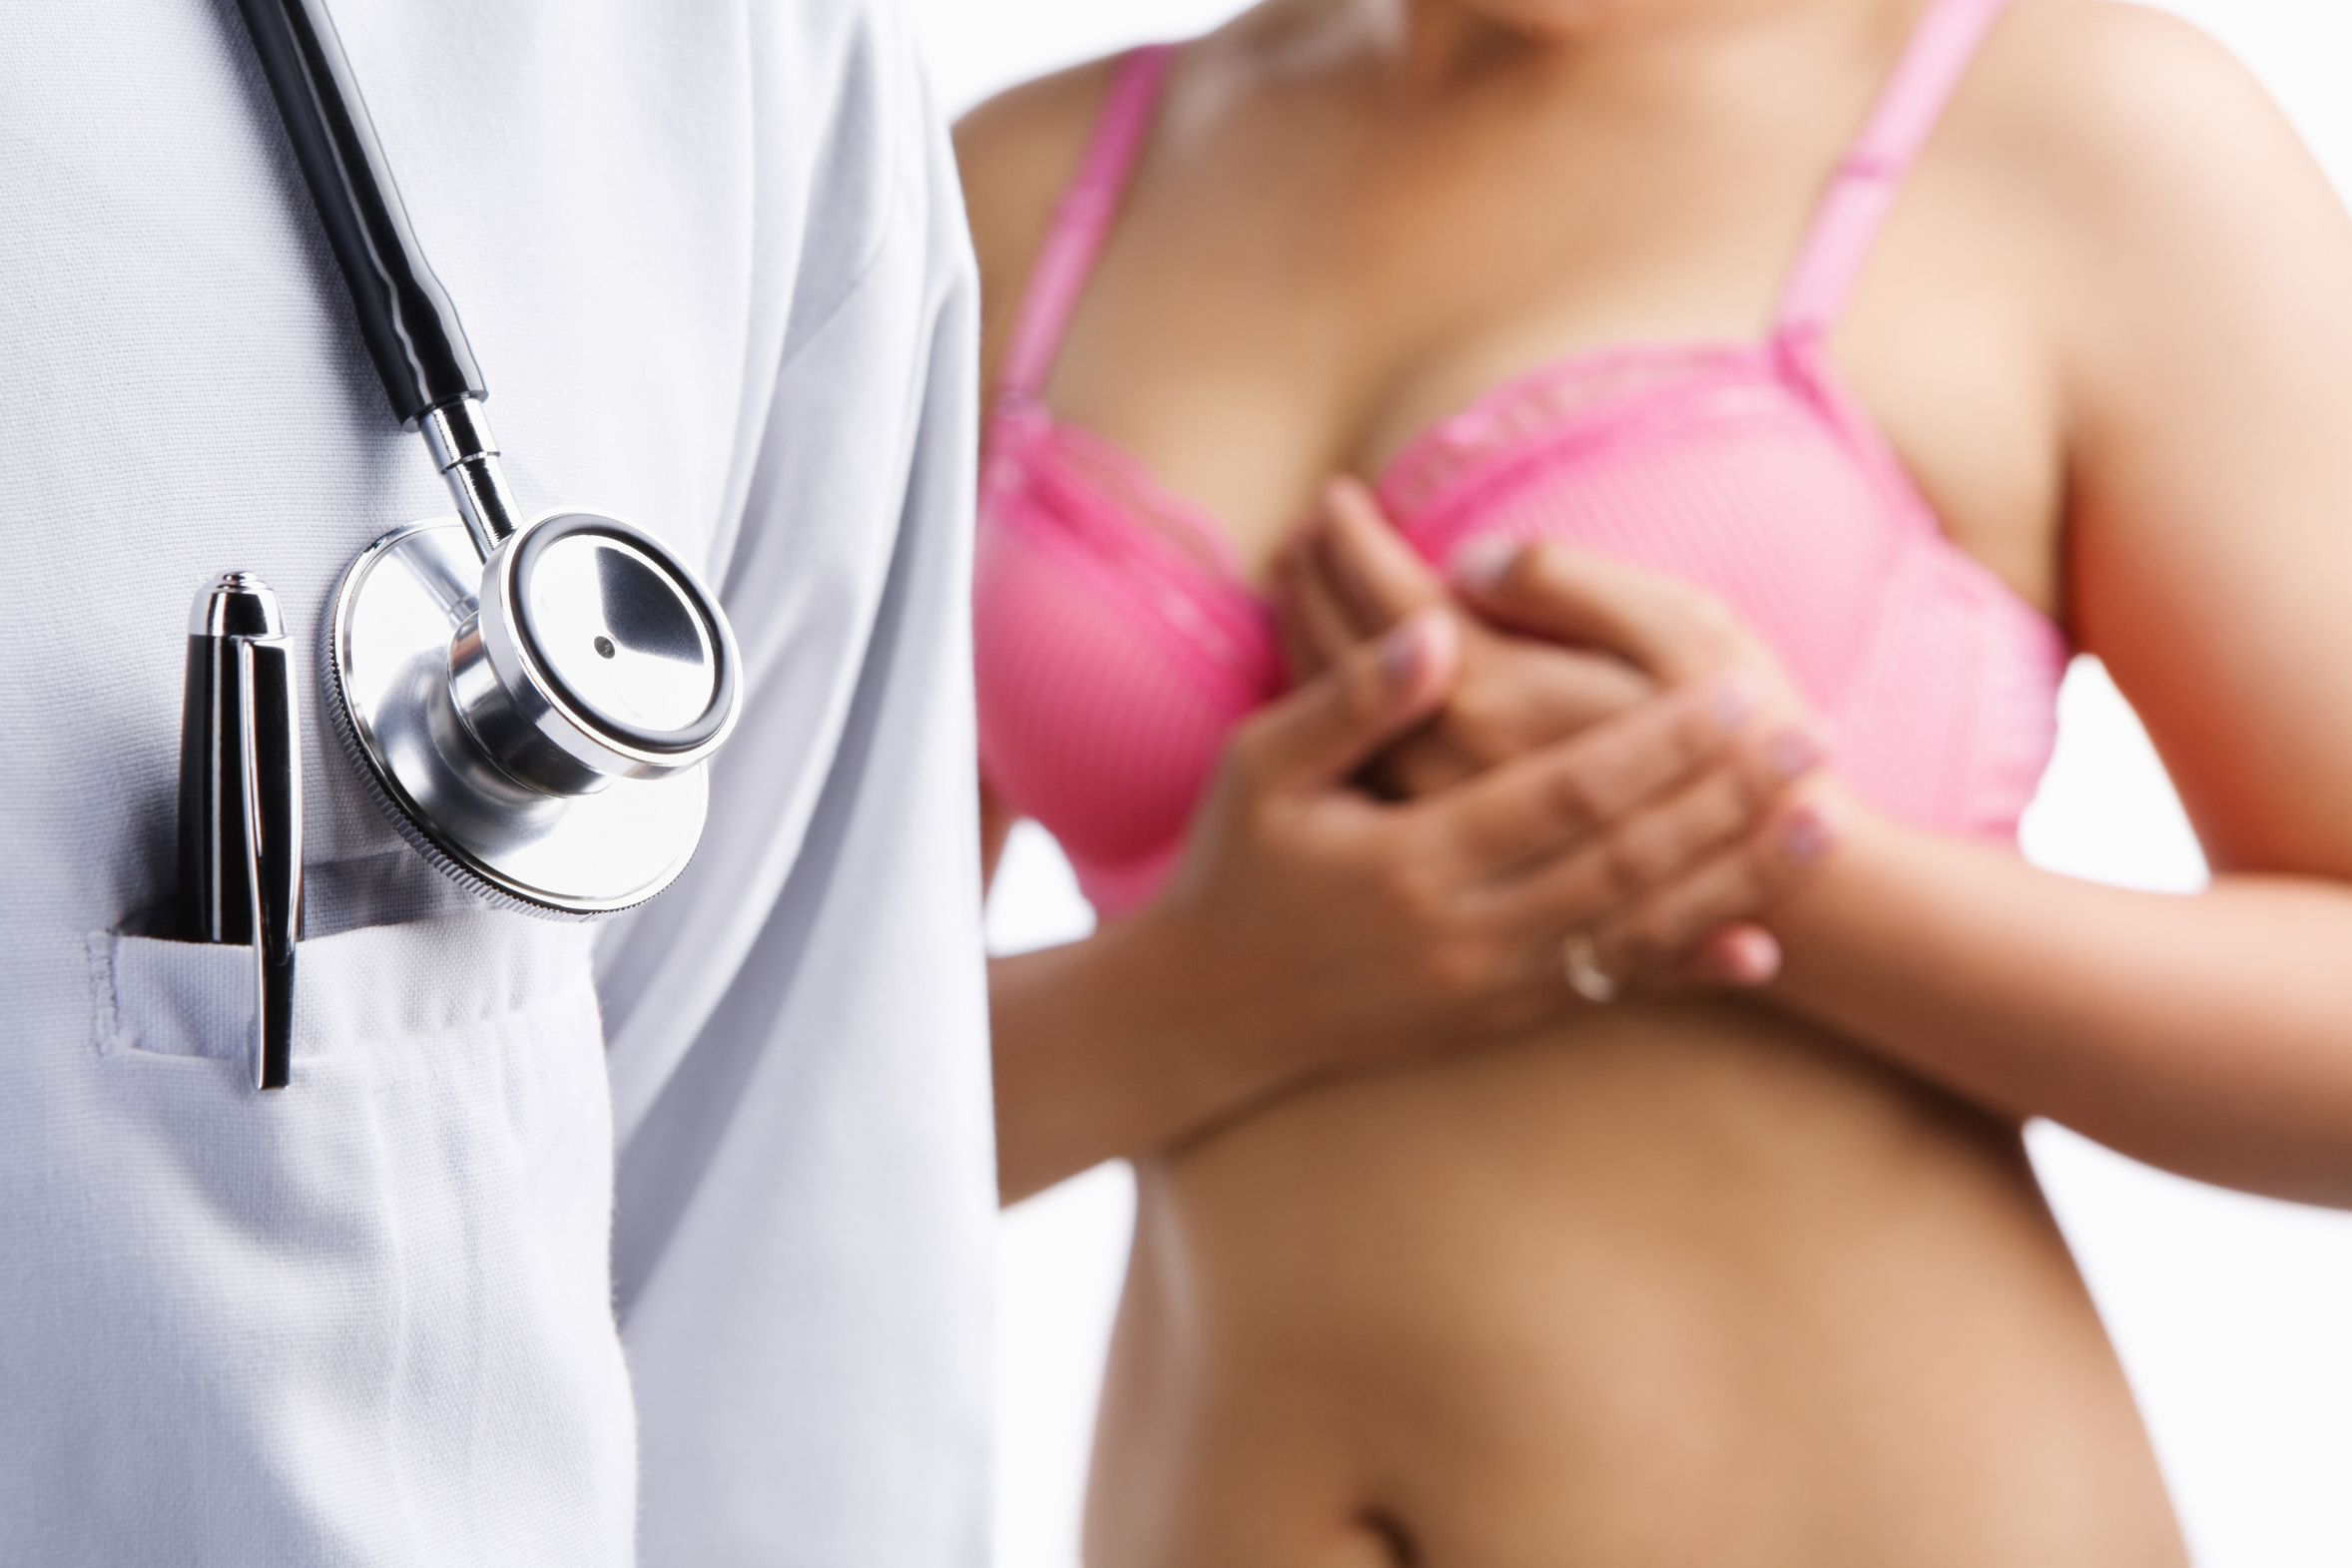 Нормальные и патологические выделения из груди